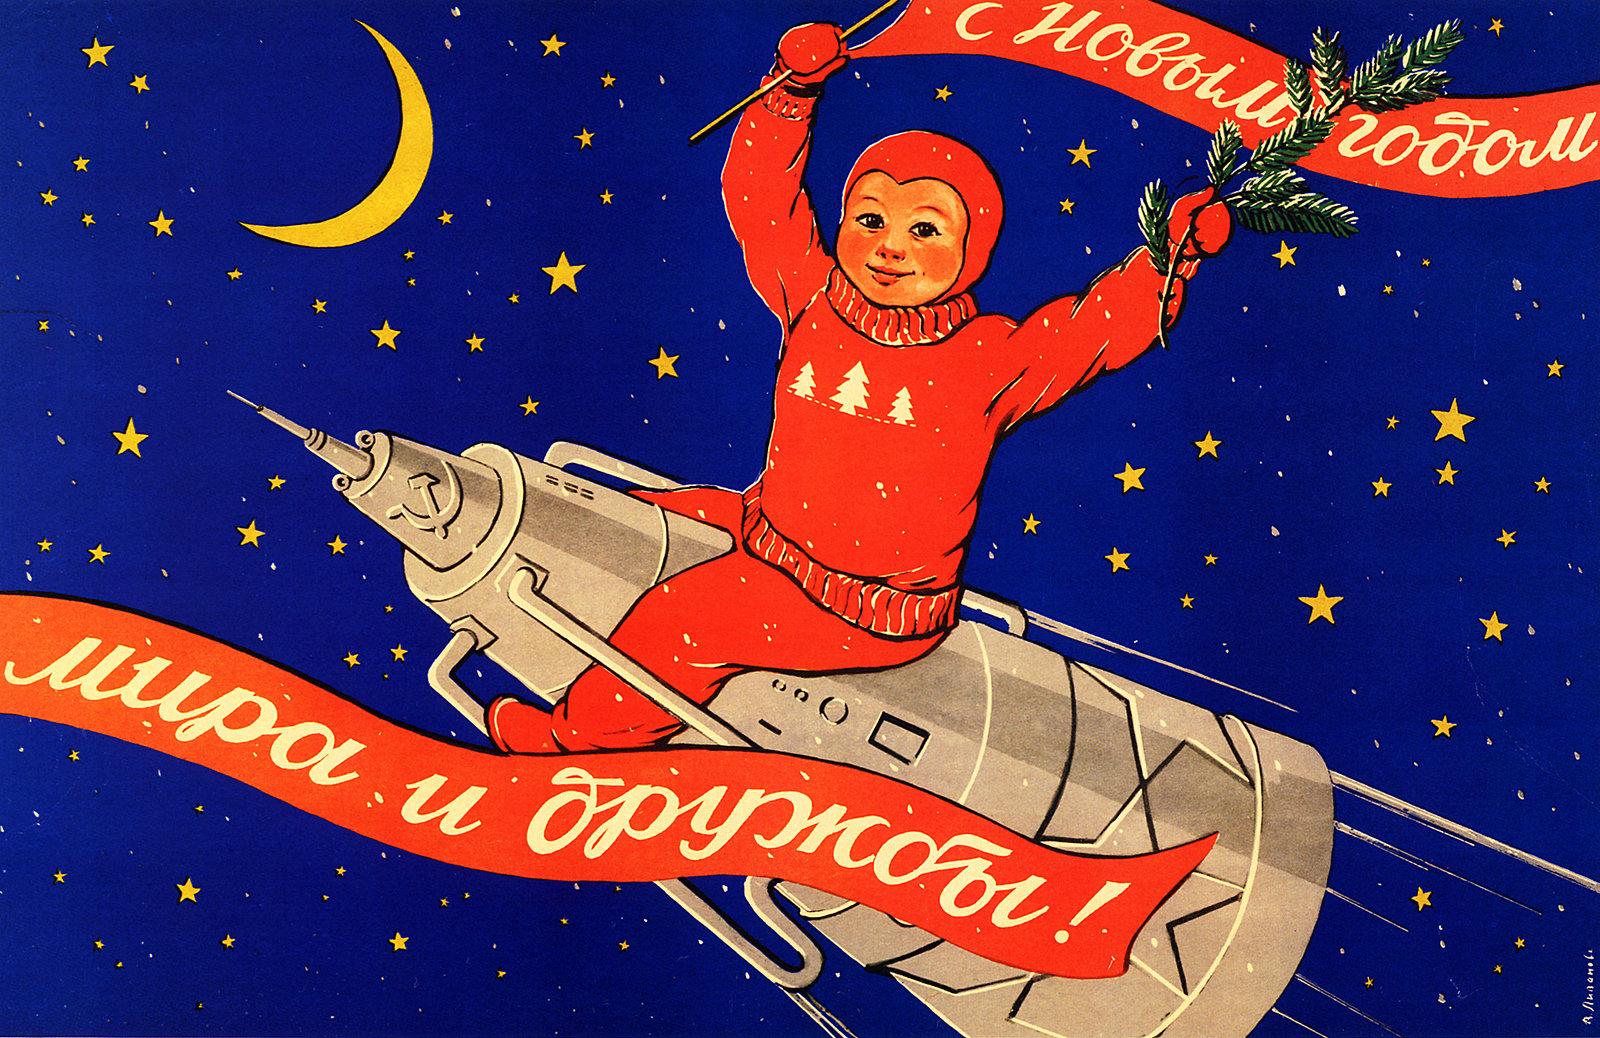 Здоровья, новый год открытки космос